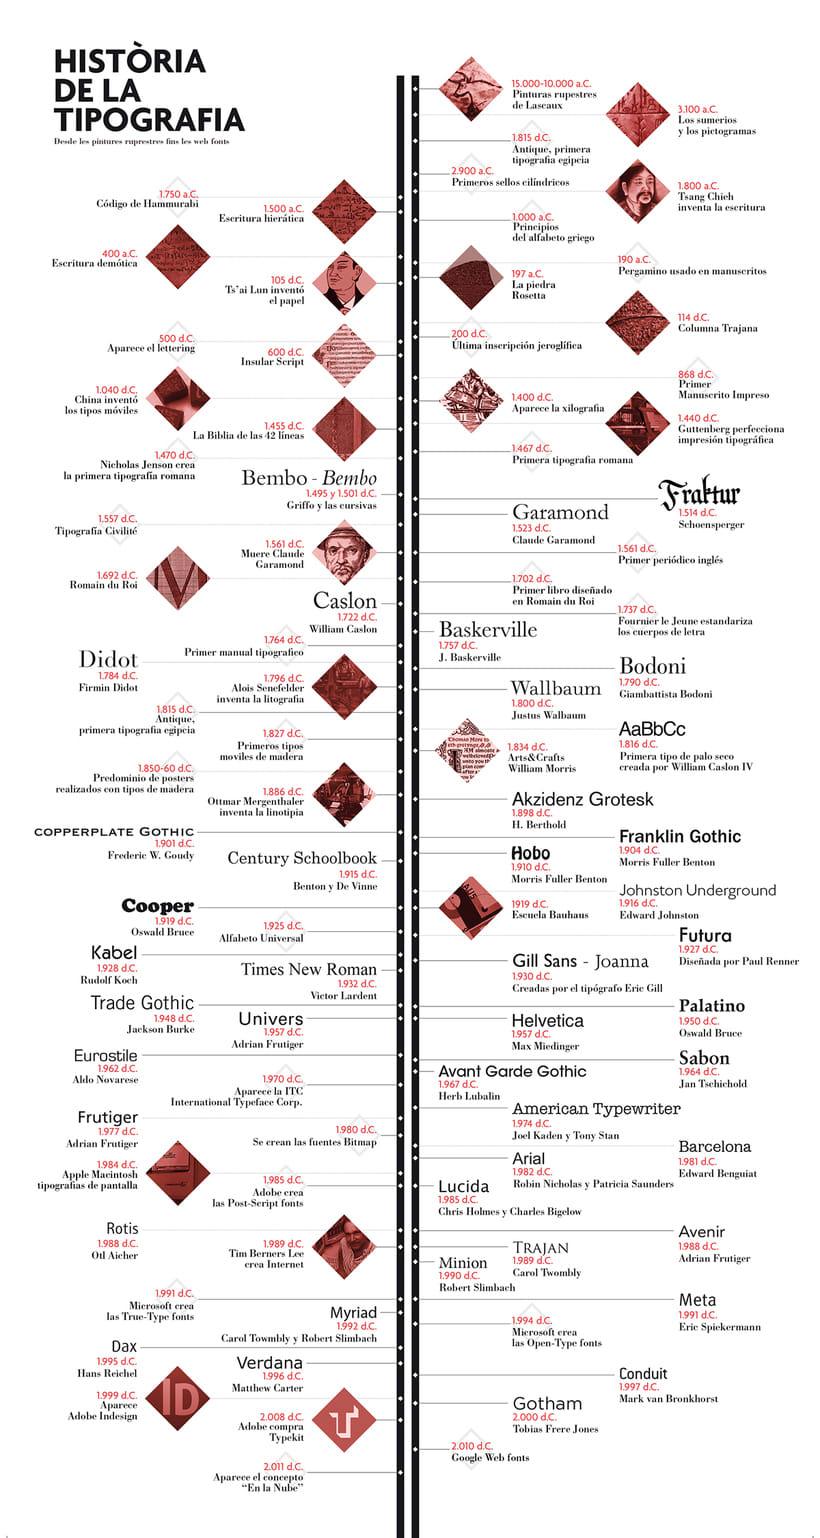 Historia de la Tipografía 5